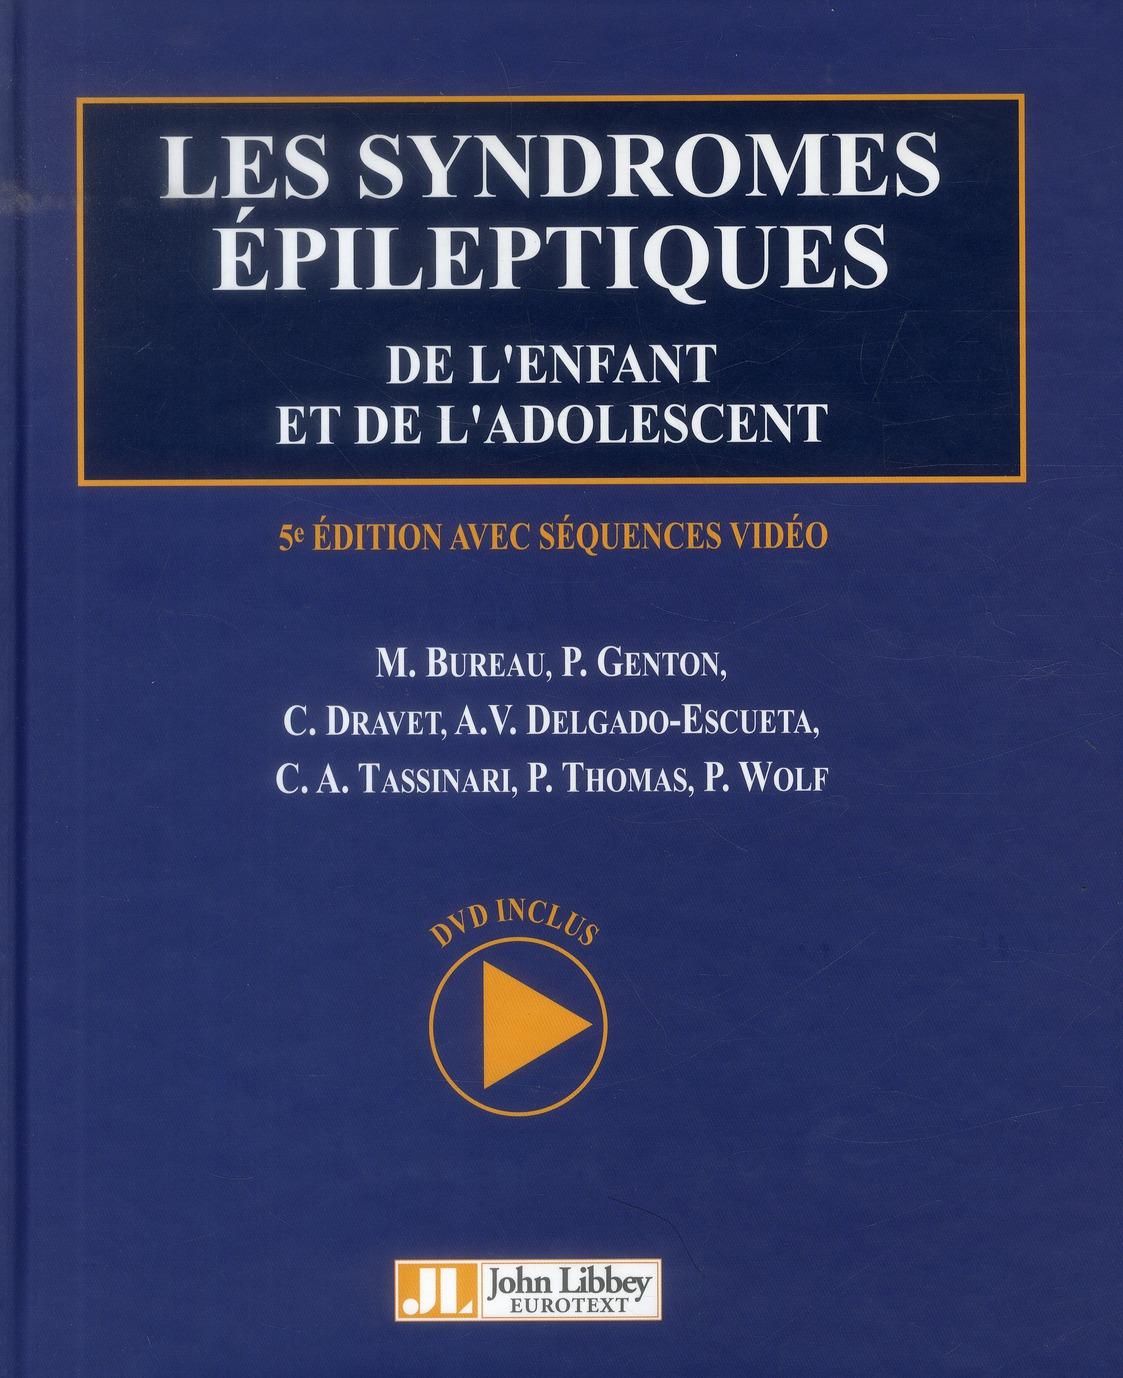 LES SYNDROMES EPILEPTIQUES DE L'ENFANT ET DE L'ADOLESCENT - 5E EDITION AVEC SEQUENCES VIDEO - DVD-RO